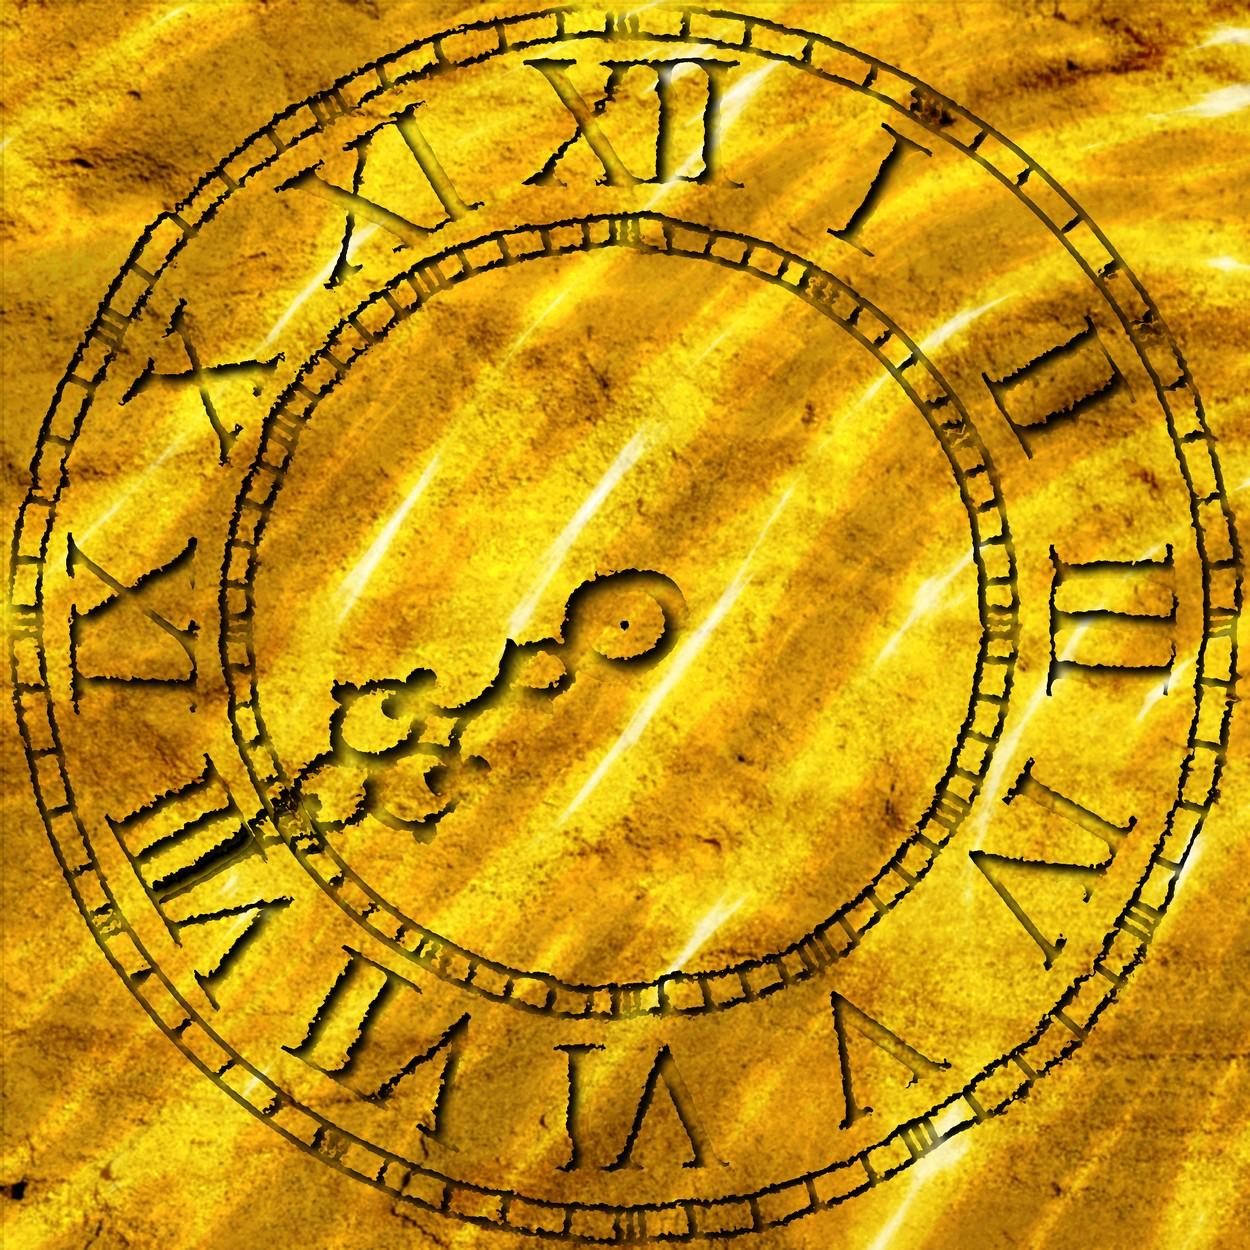 ec8002dbf (Quando fazemos um pedido, muitas vezes os anjos dão-nos a resposta  mostrandonos o relógio. O discípulo deve fixar-se na hora indicada pelo  relógio.